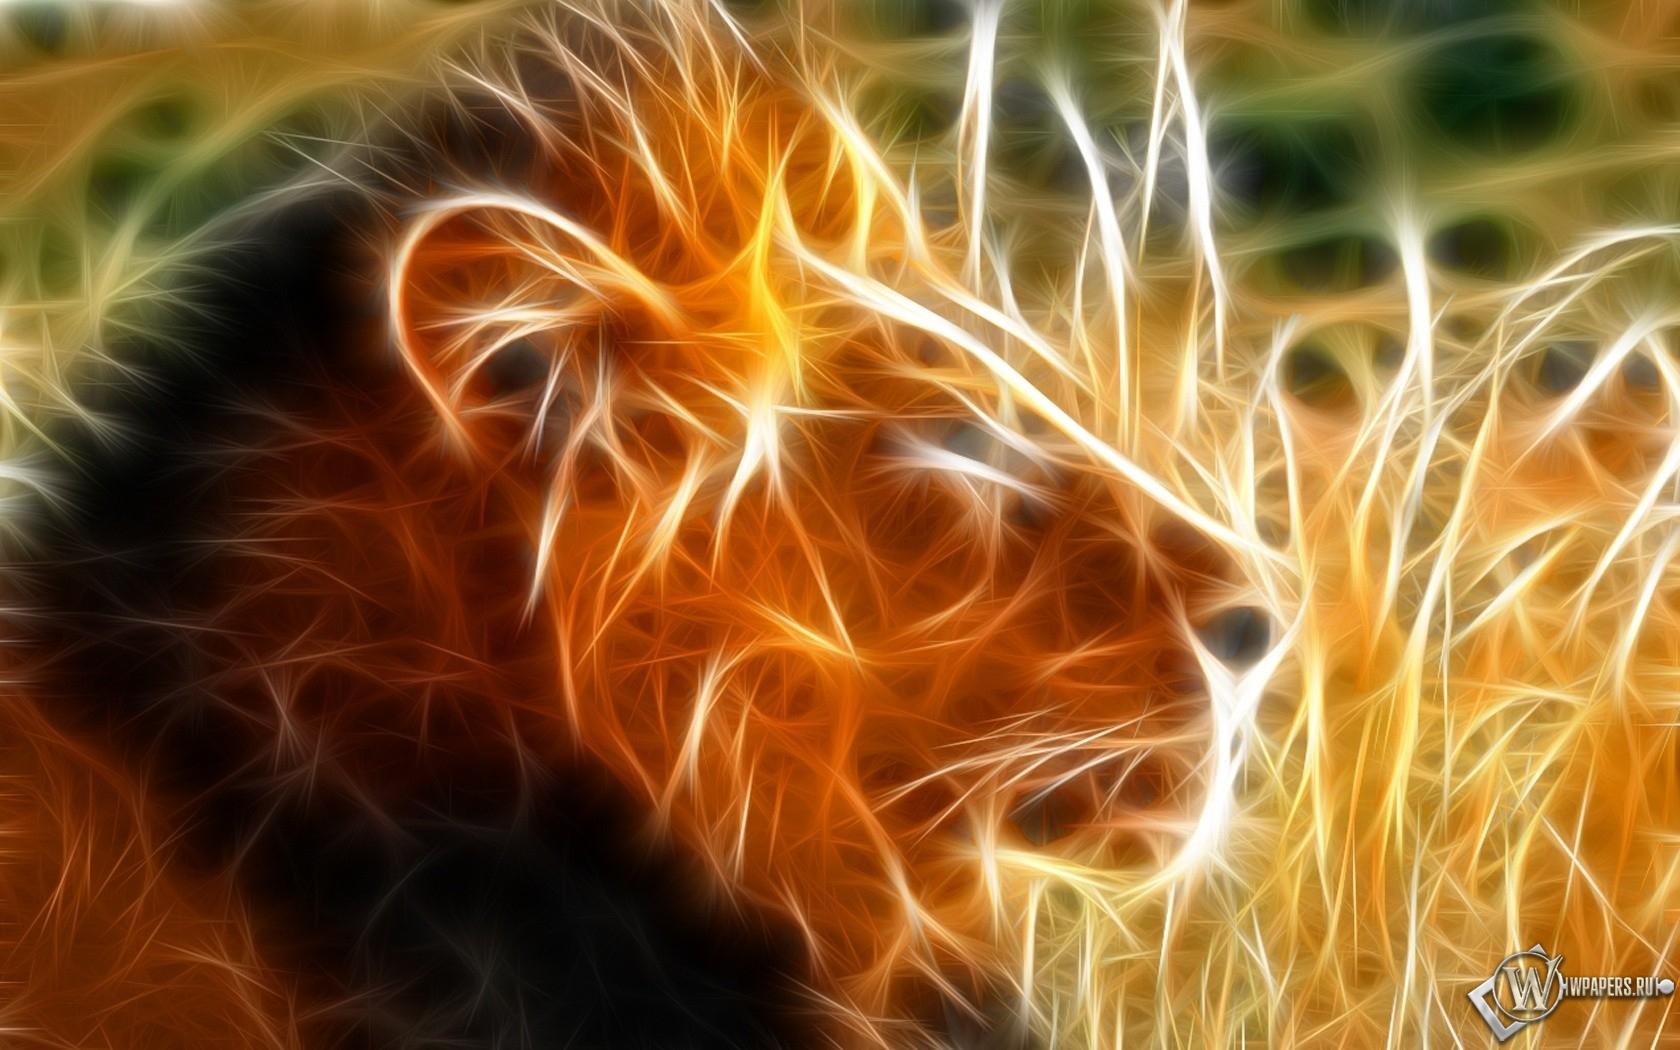 Огненный Лев 1680x1050